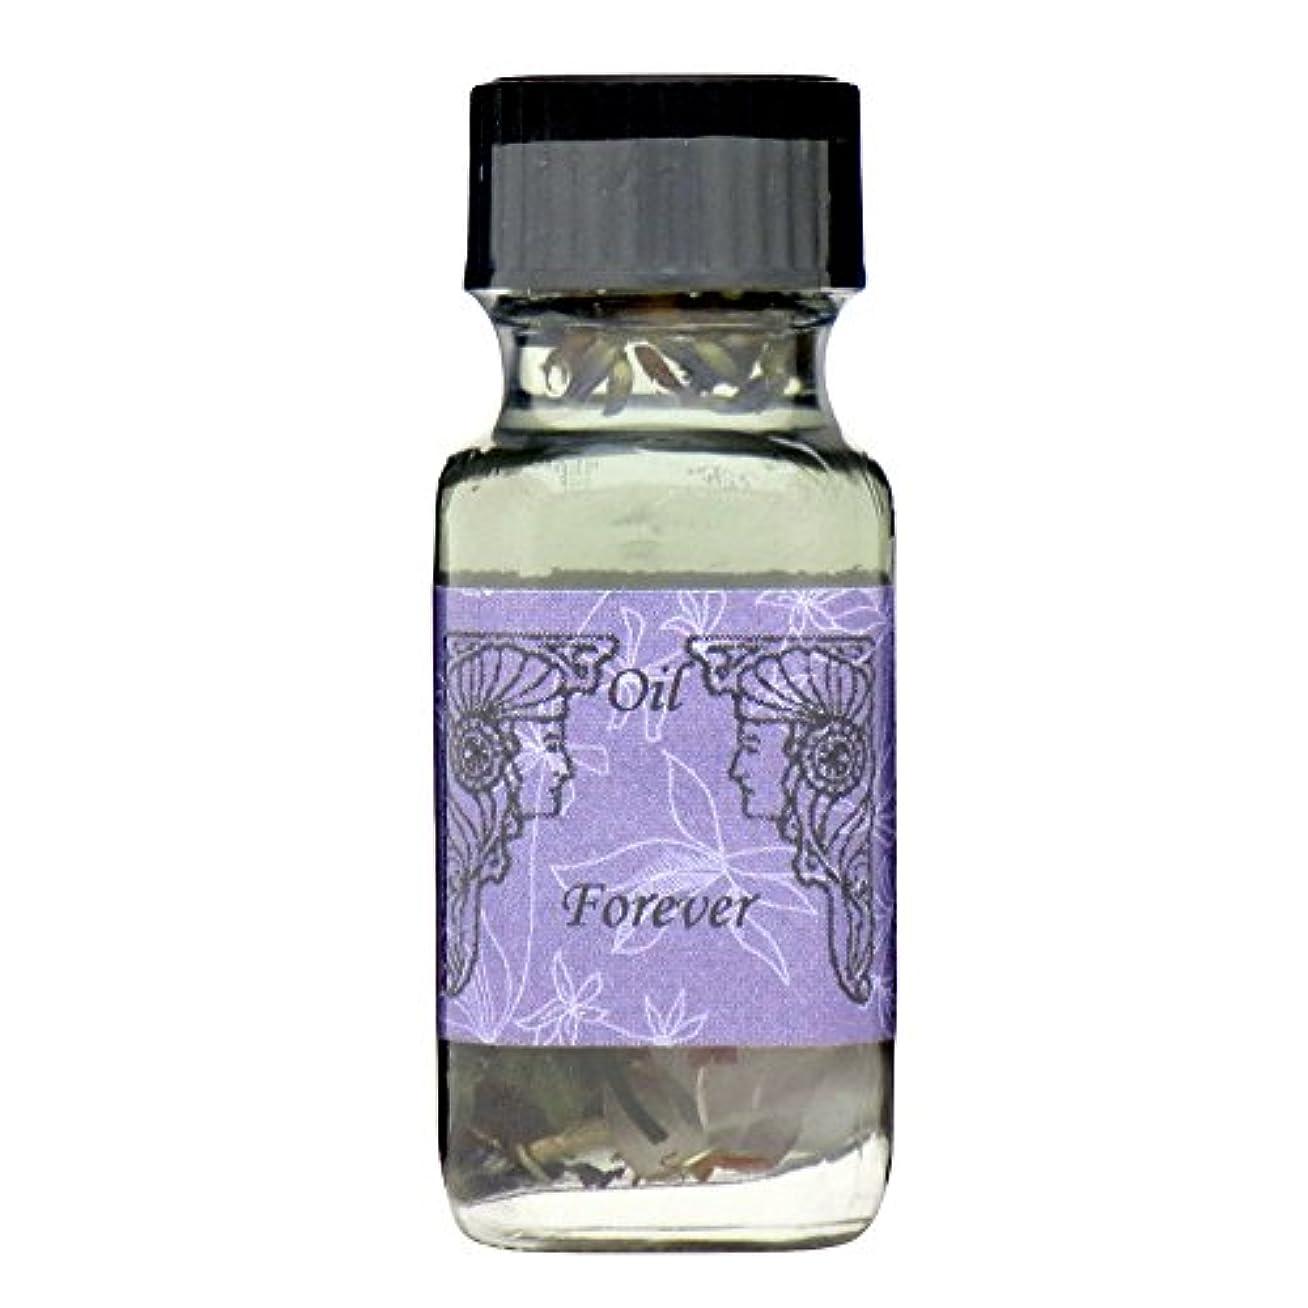 関税投資入植者アンシェントメモリーオイル フォーエバー (永続的な関係) 15ml (Ancient Memory Oils)